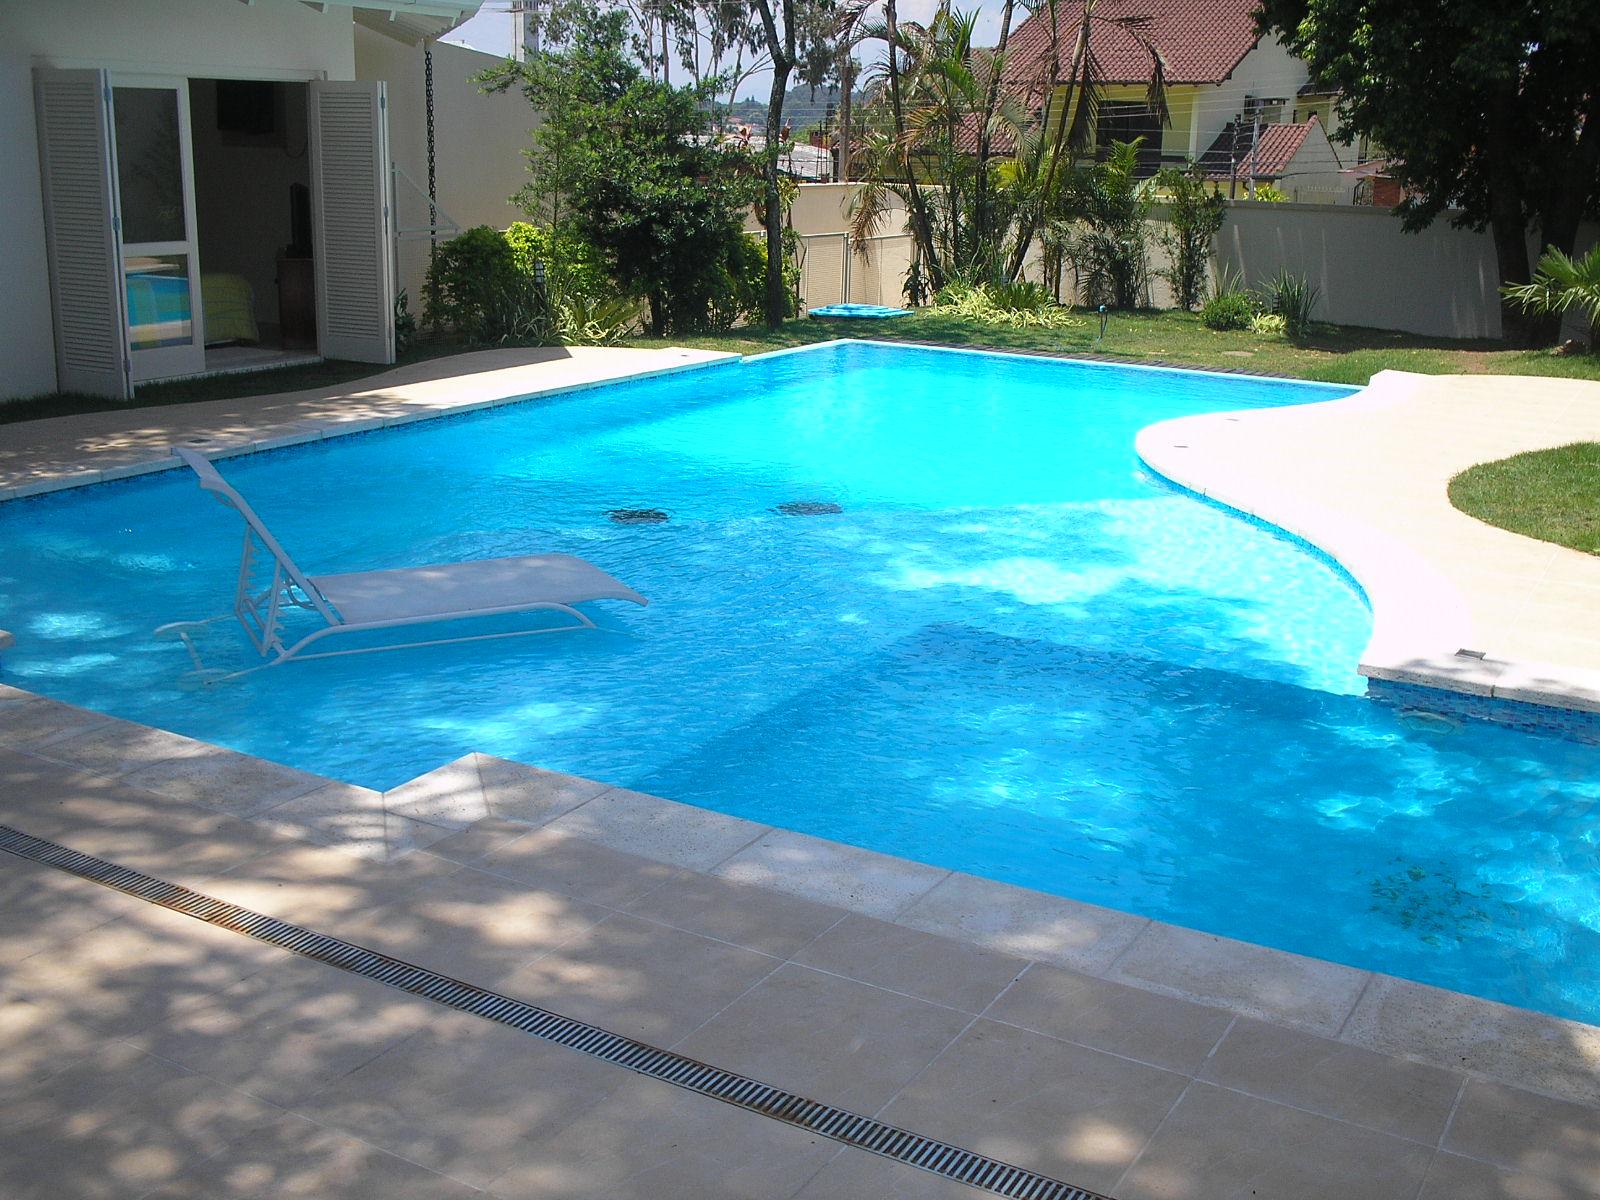 Quality piscinas personalizadas piscinas personalizadas for Quality piscinas